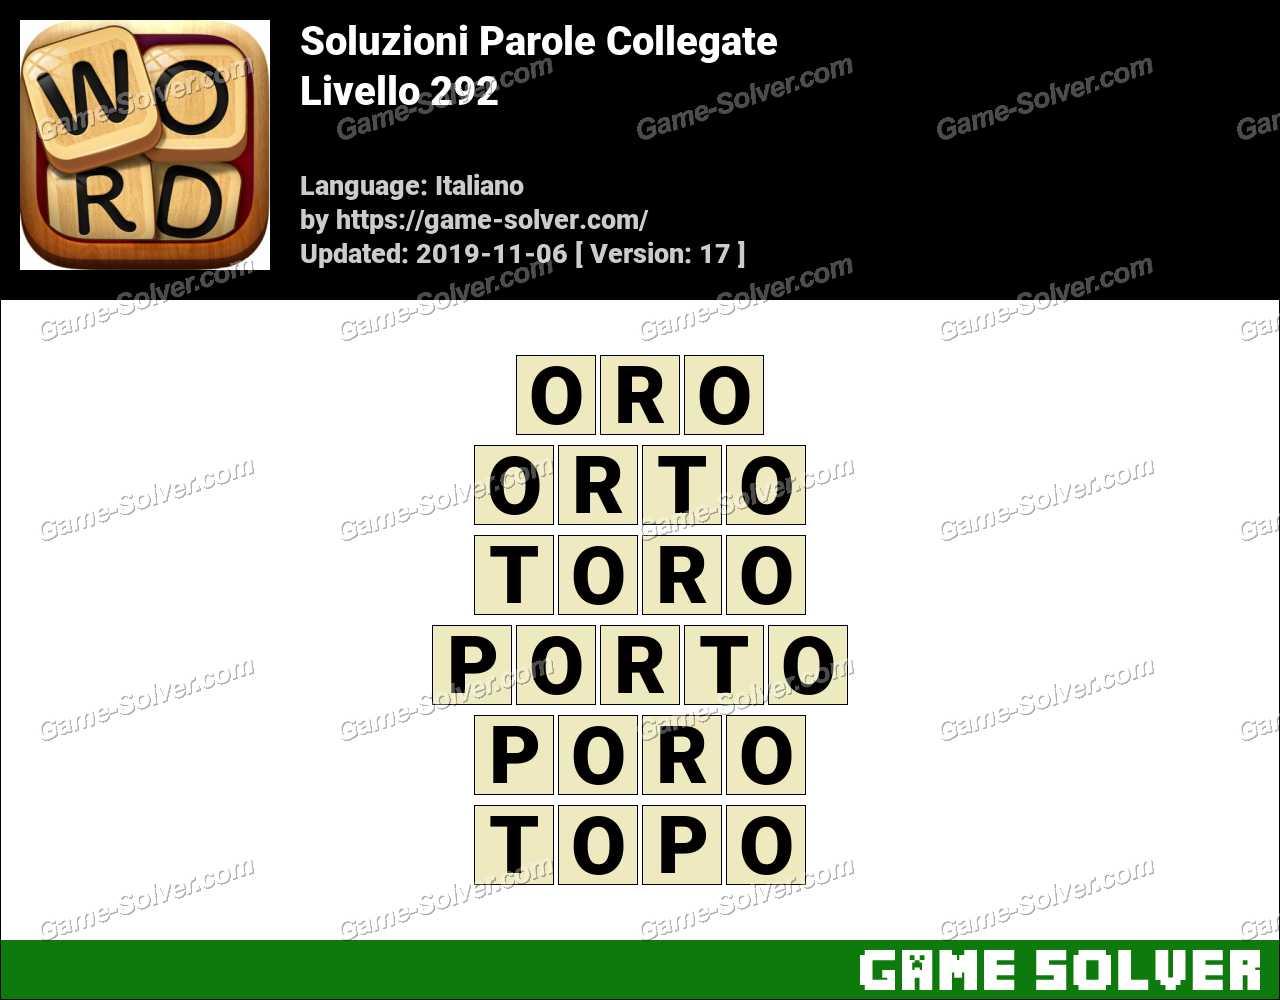 Soluzioni Parole Collegate Livello 292